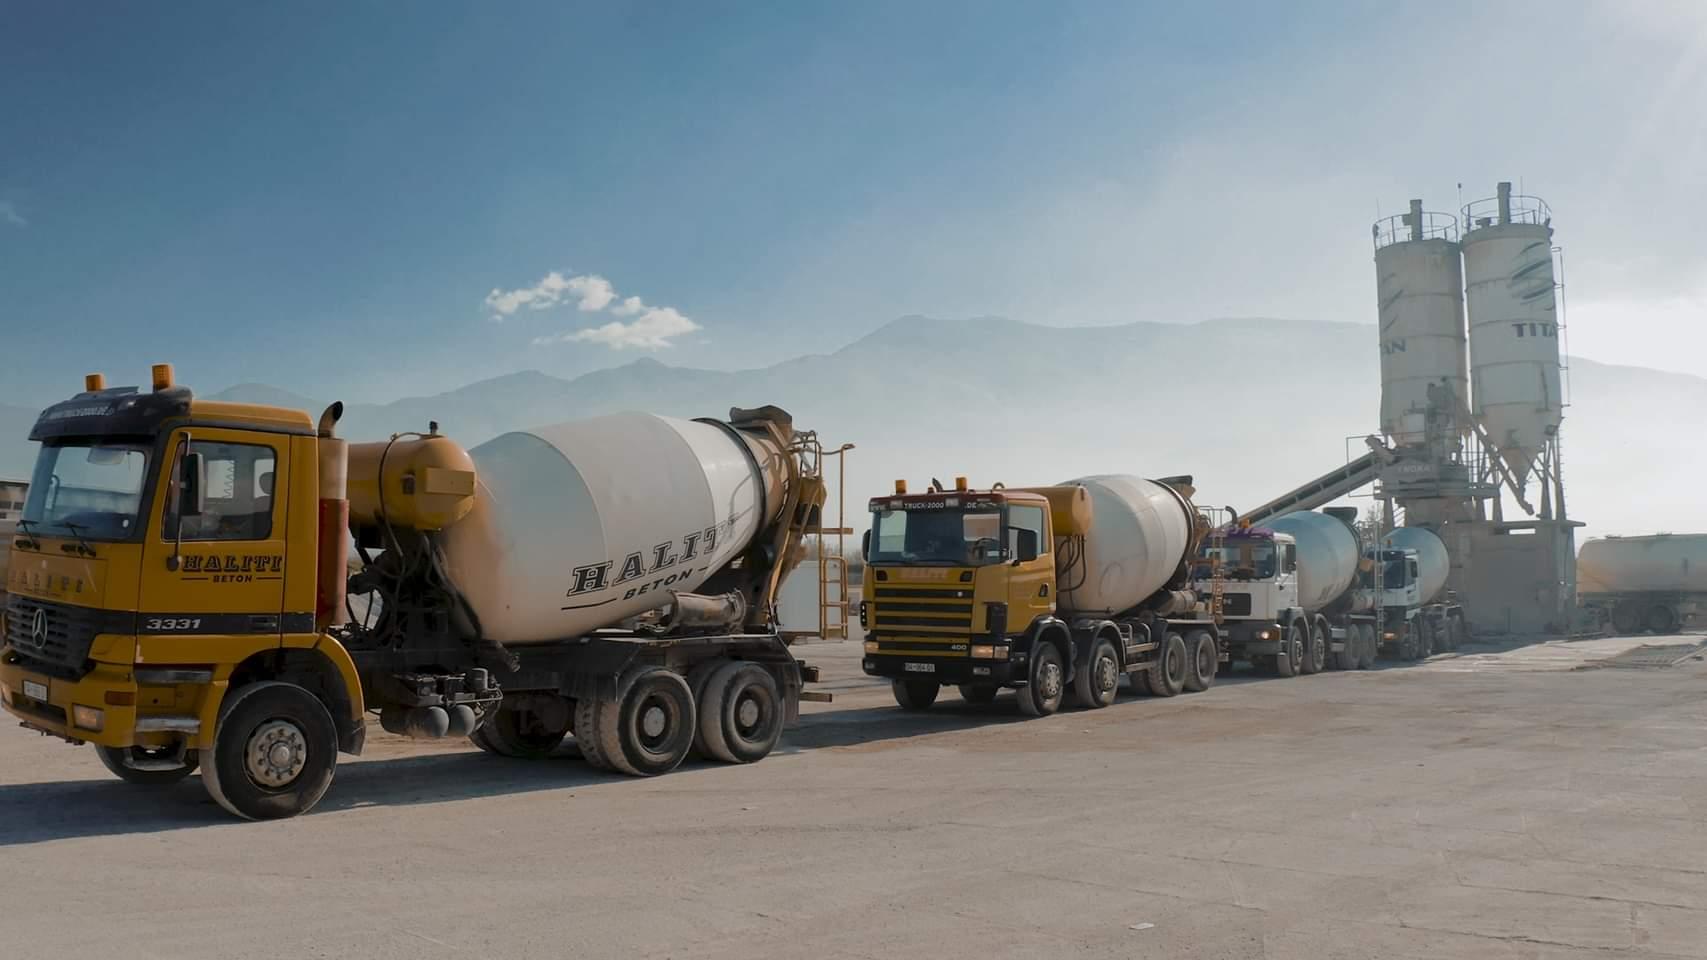 """Themele të sigurta të së ardhmes, N.T.P.SH """"HALITI"""", gjiganti i ndërtimit në Suharekë"""